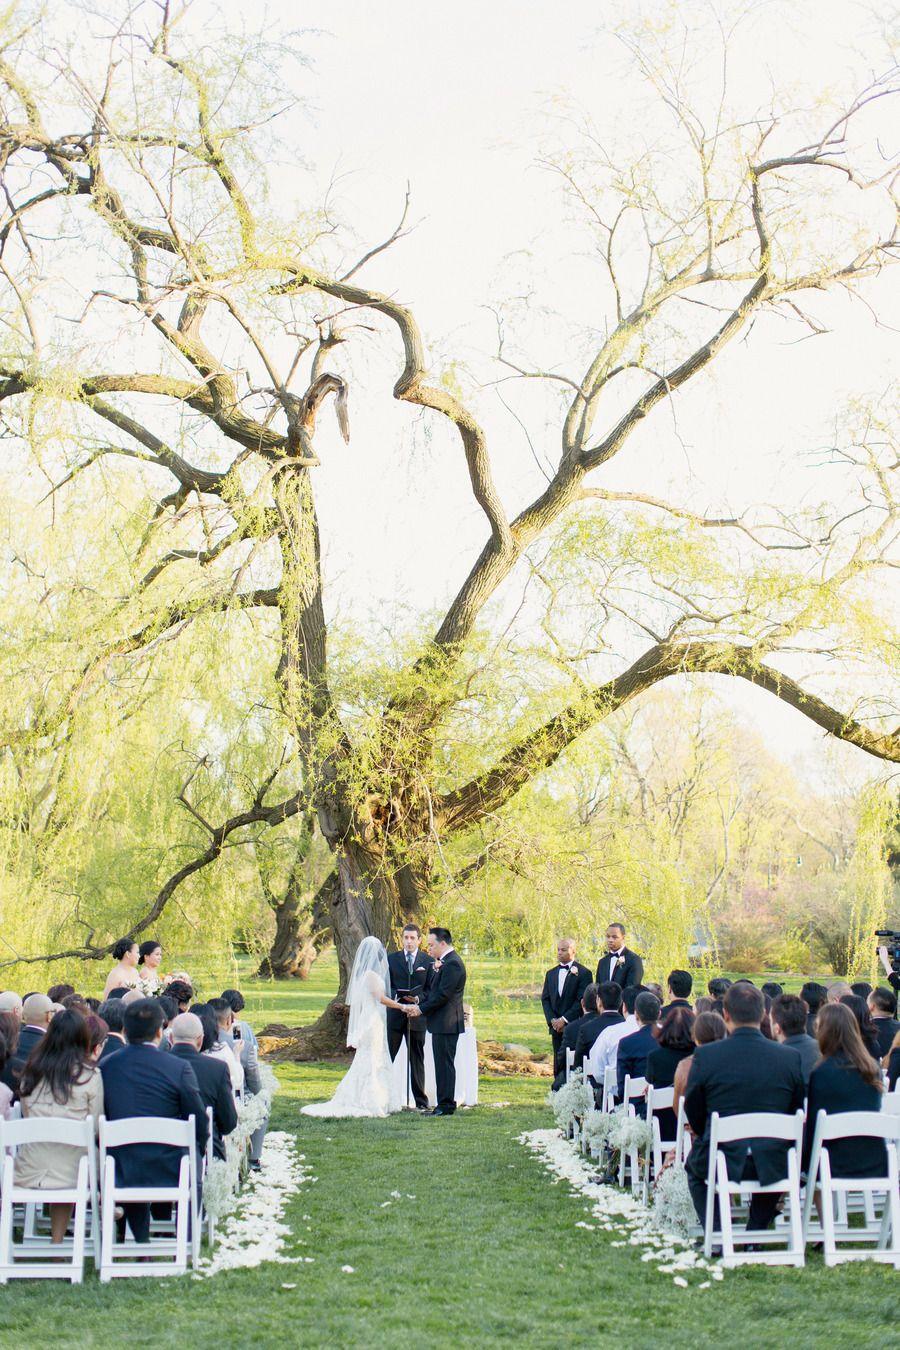 lovely setting Garden chic wedding, Botanical gardens